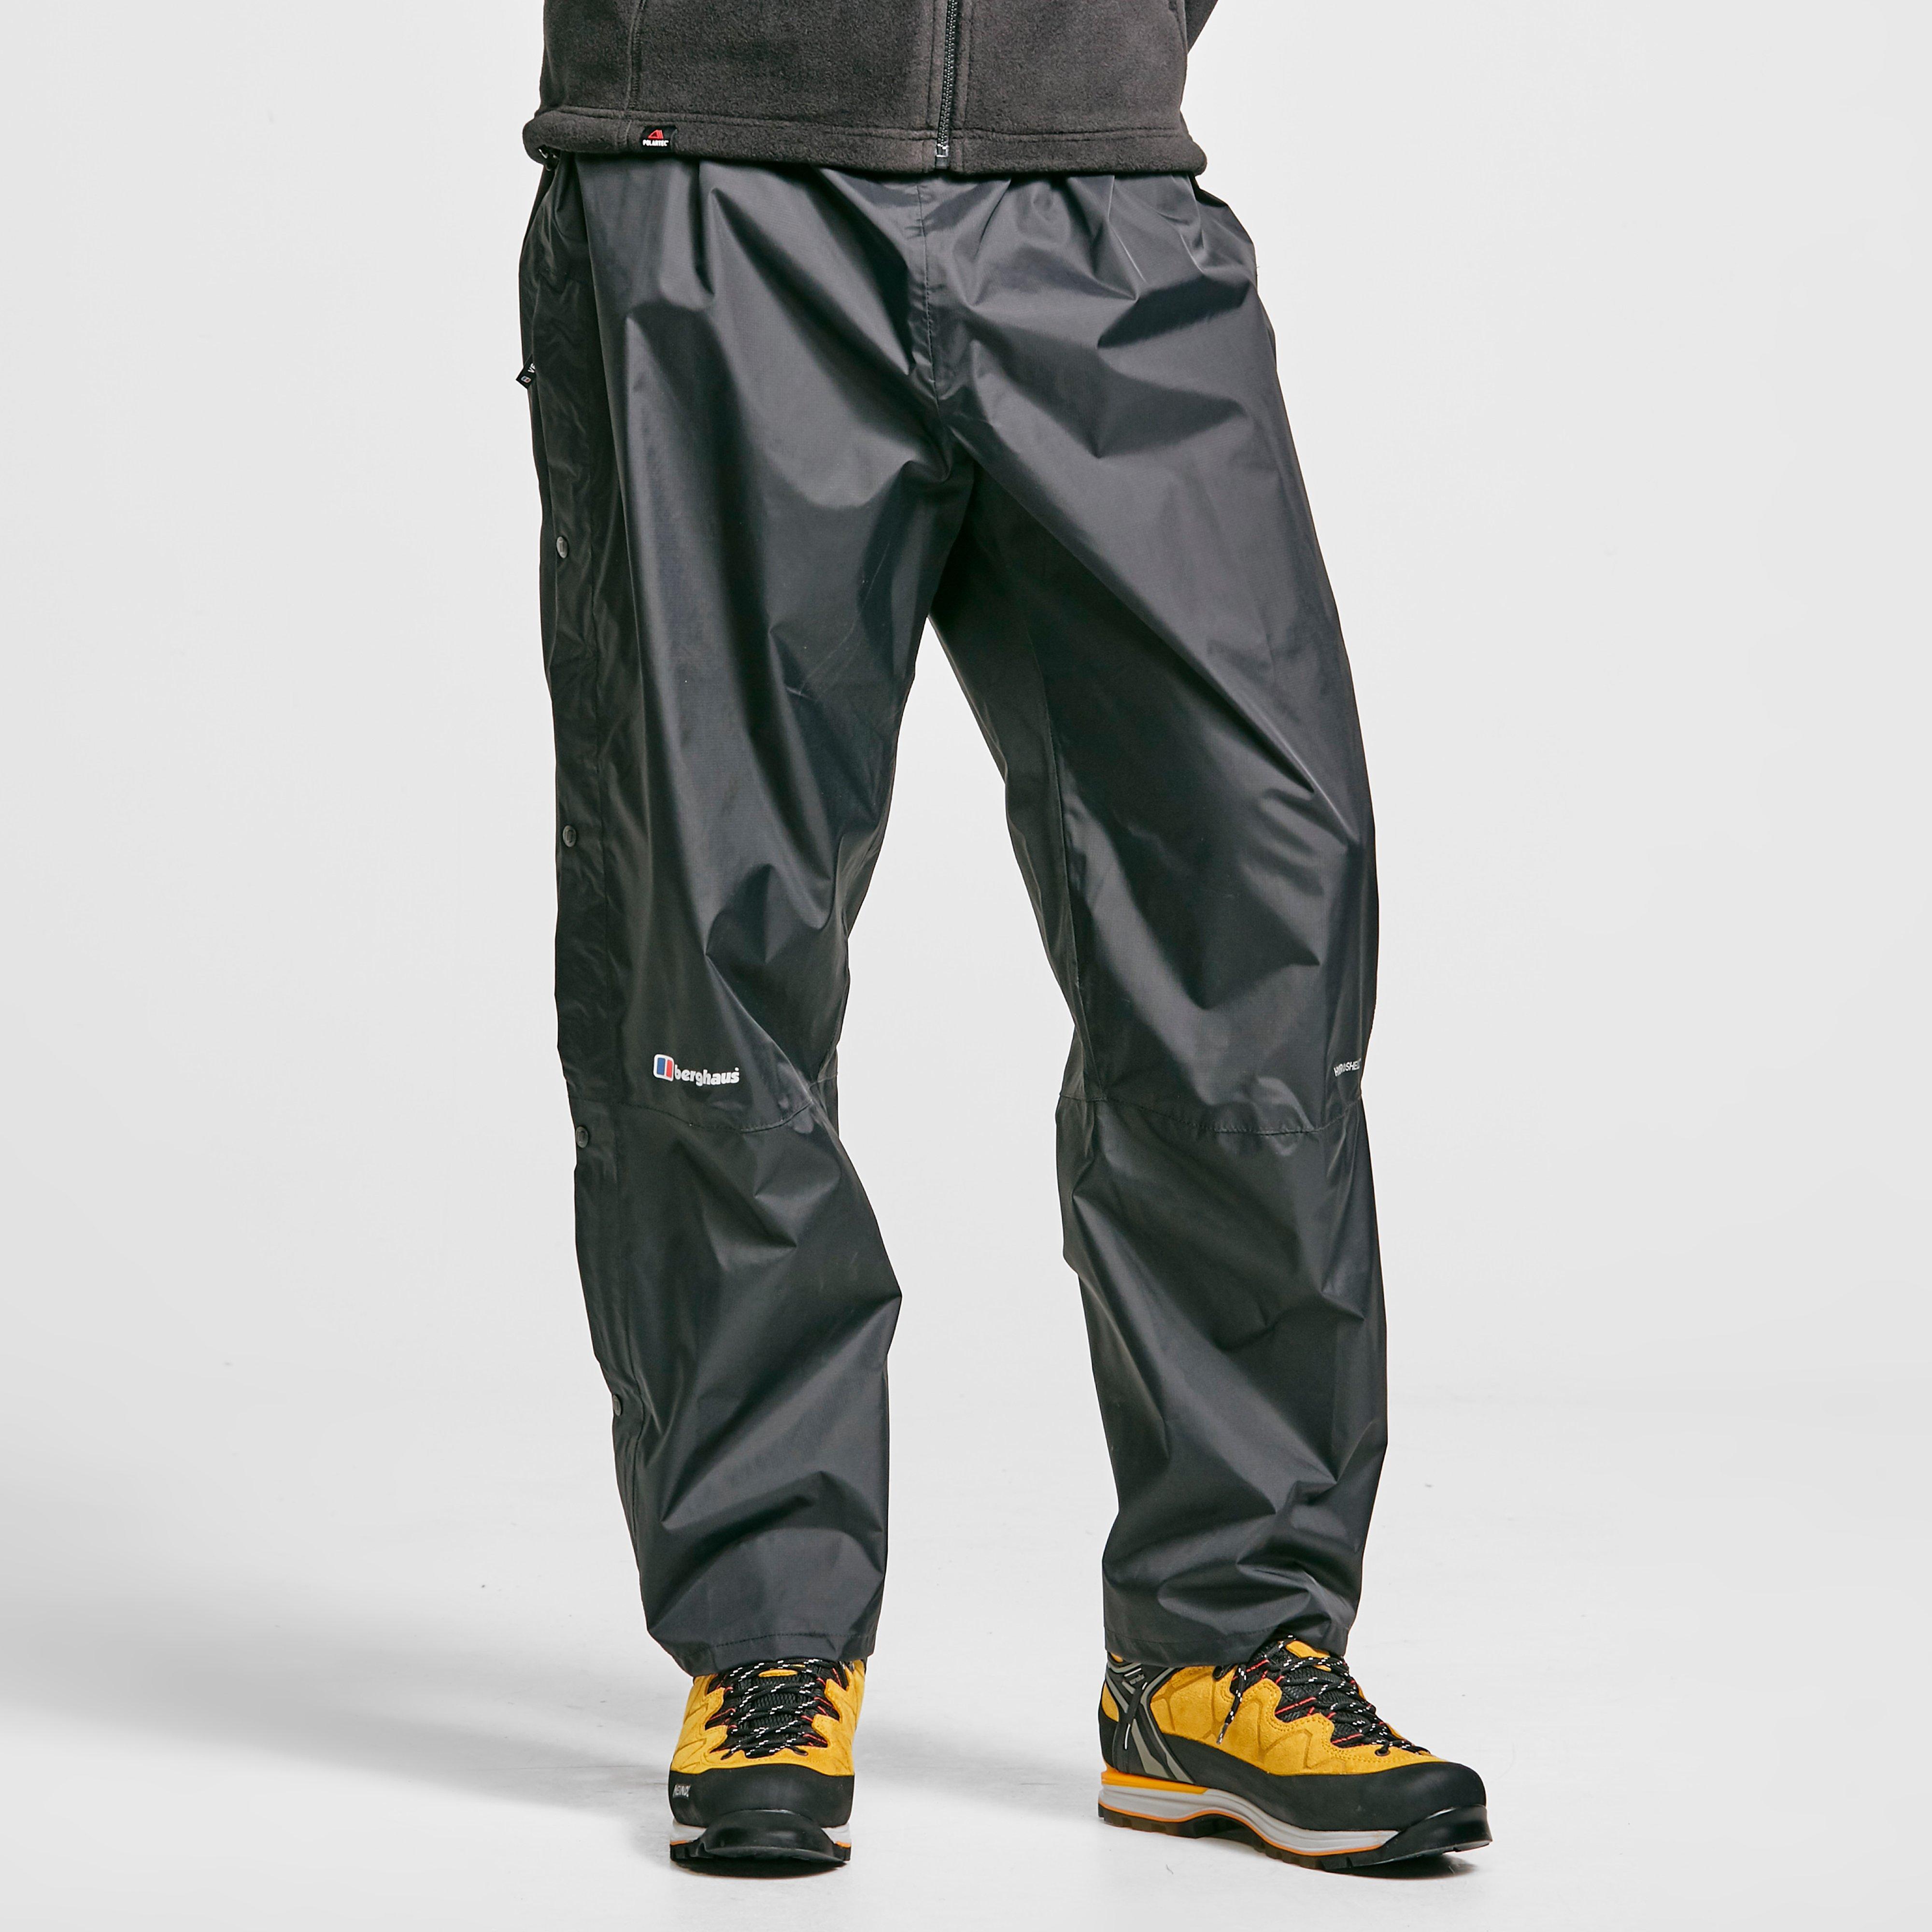 Berghaus Mens Stormcloud Waterproof Overtrousers - Black/black  Black/black